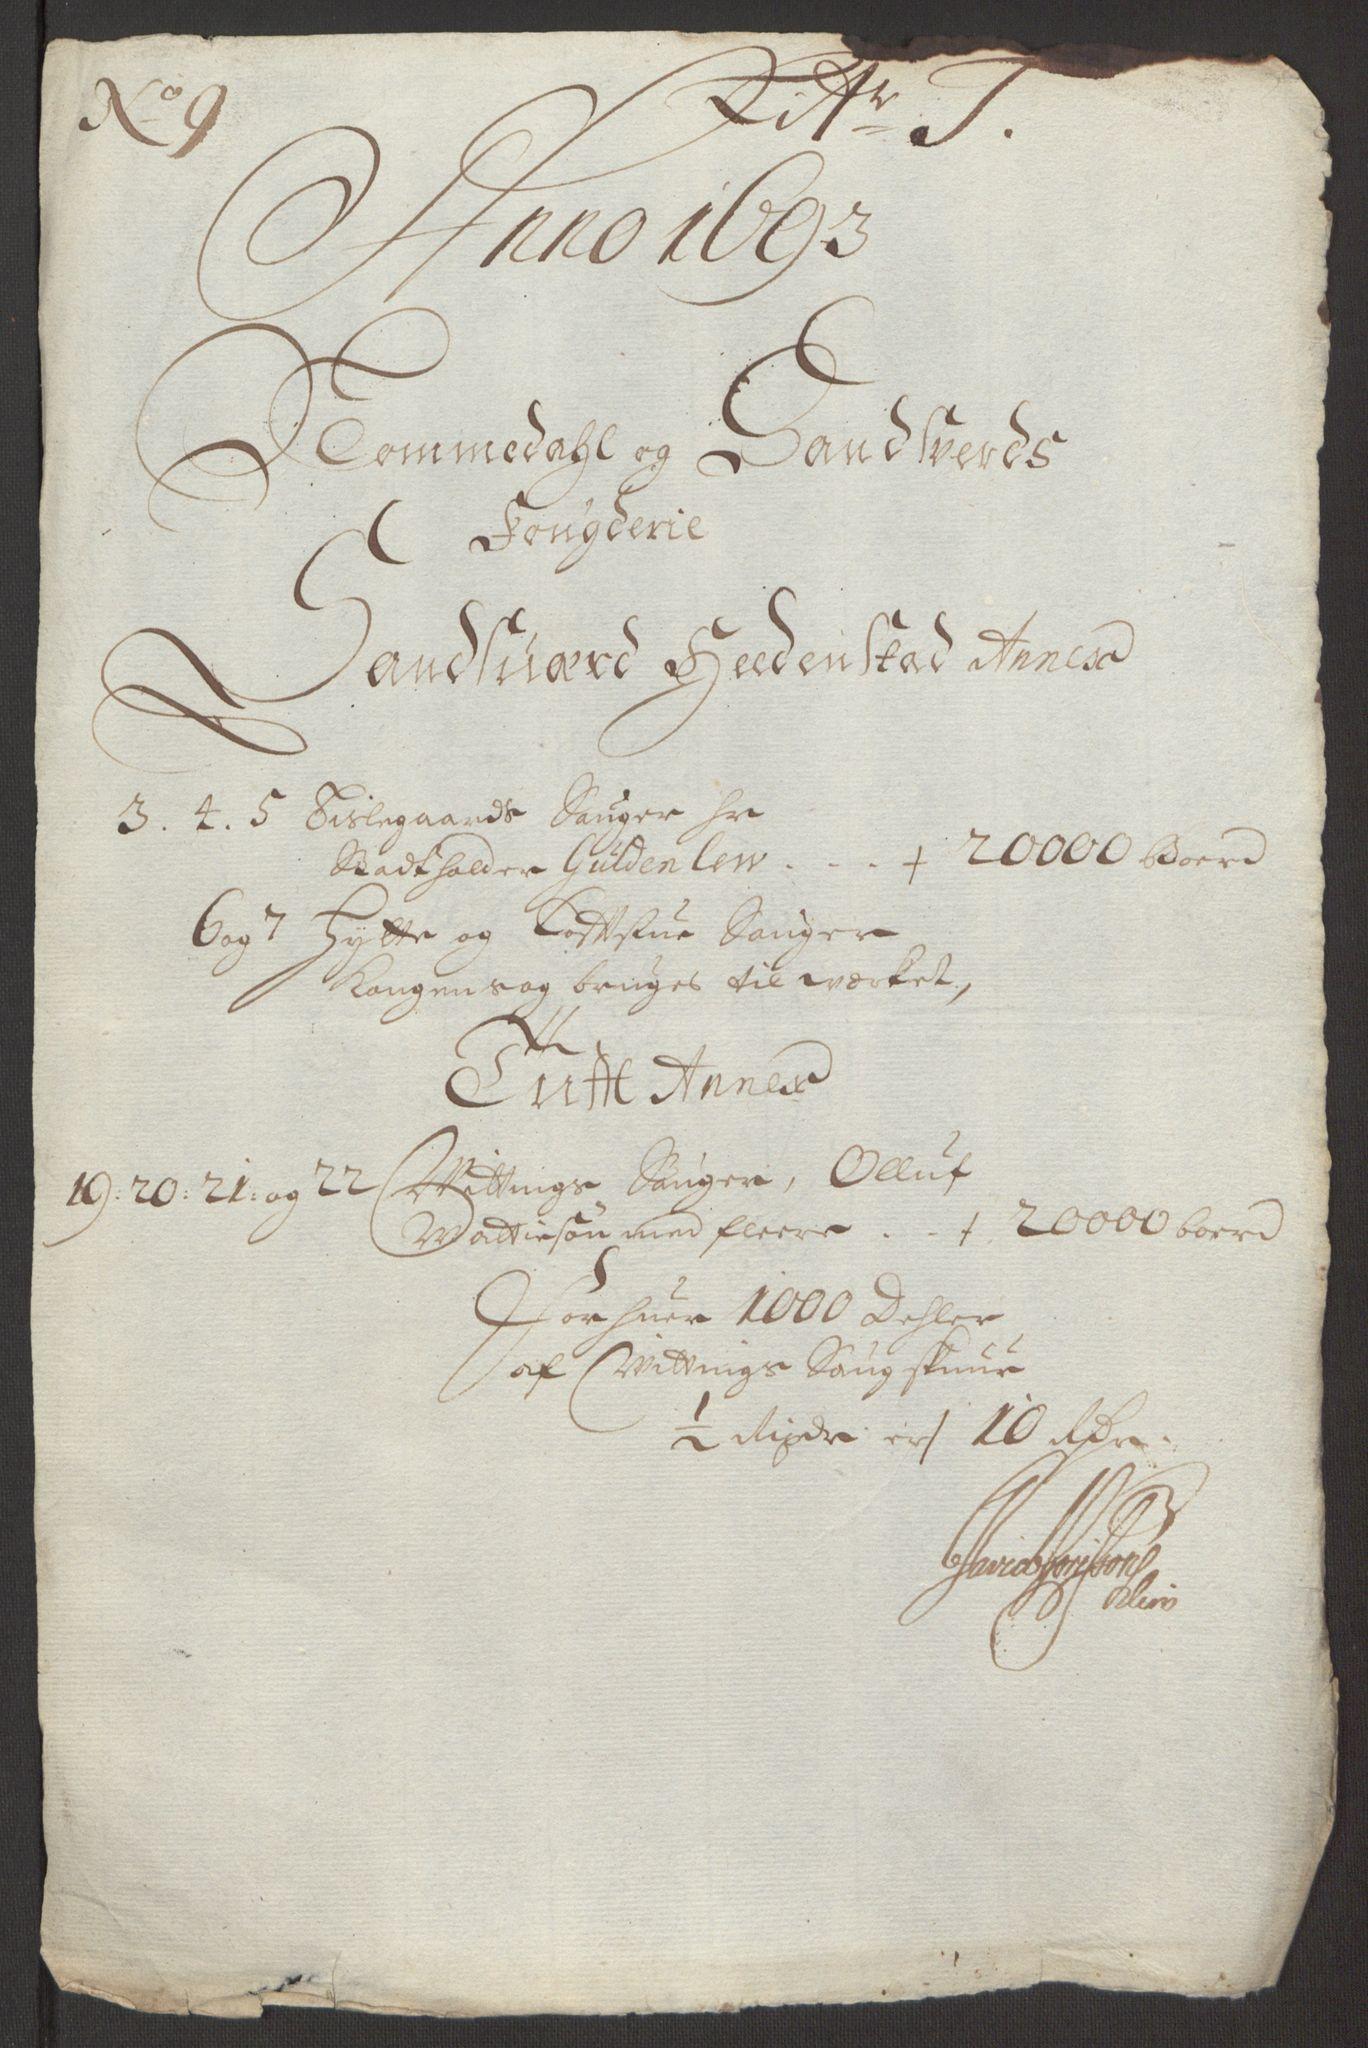 RA, Rentekammeret inntil 1814, Reviderte regnskaper, Fogderegnskap, R24/L1575: Fogderegnskap Numedal og Sandsvær, 1692-1695, s. 179